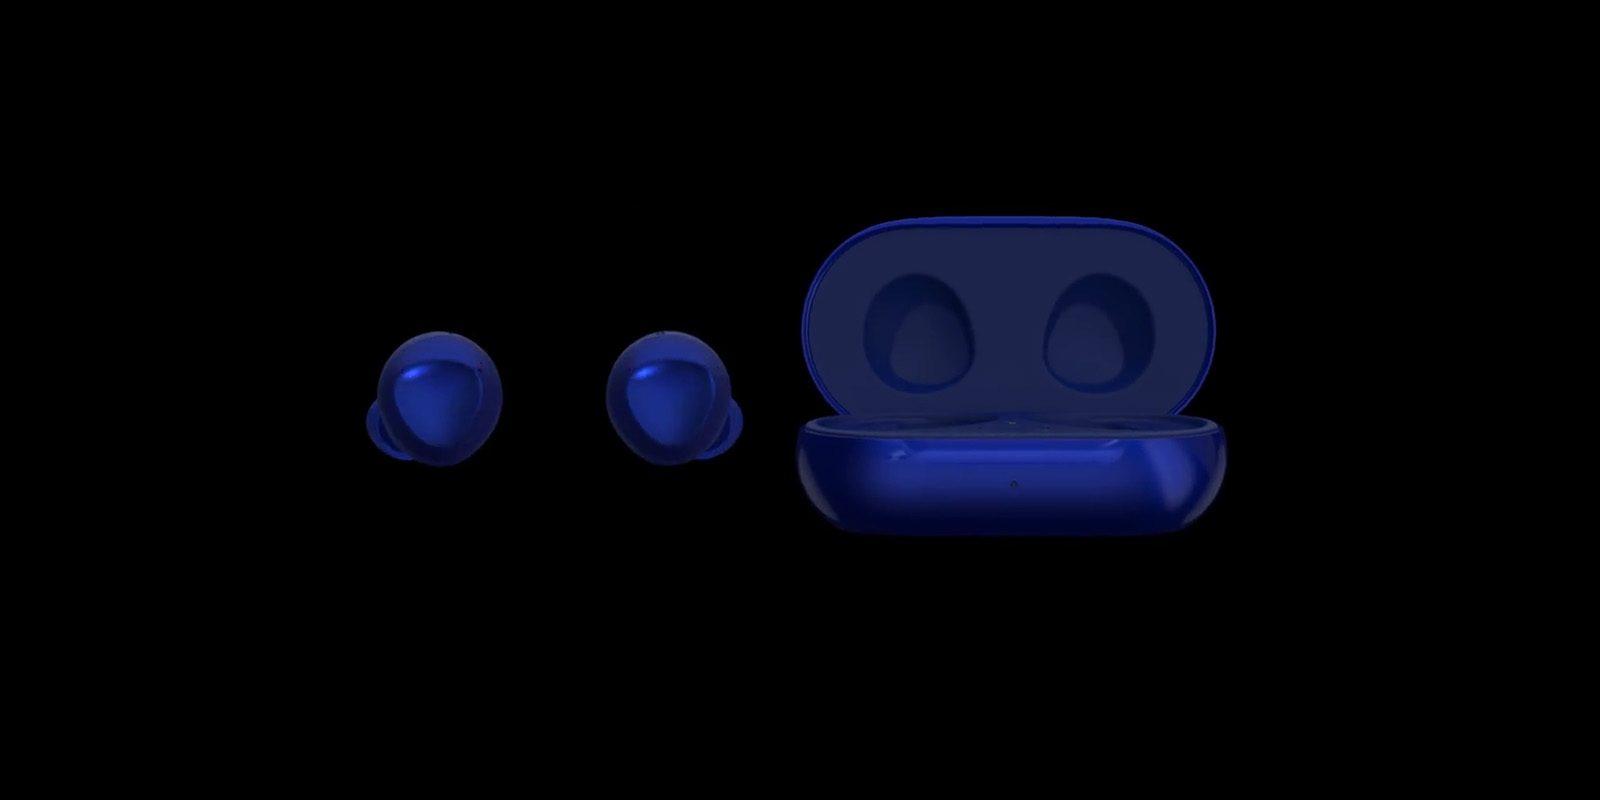 Samsung Galaxy Buds + sẽ sớm nhận được biến thể màu 'Deep Blue' 2